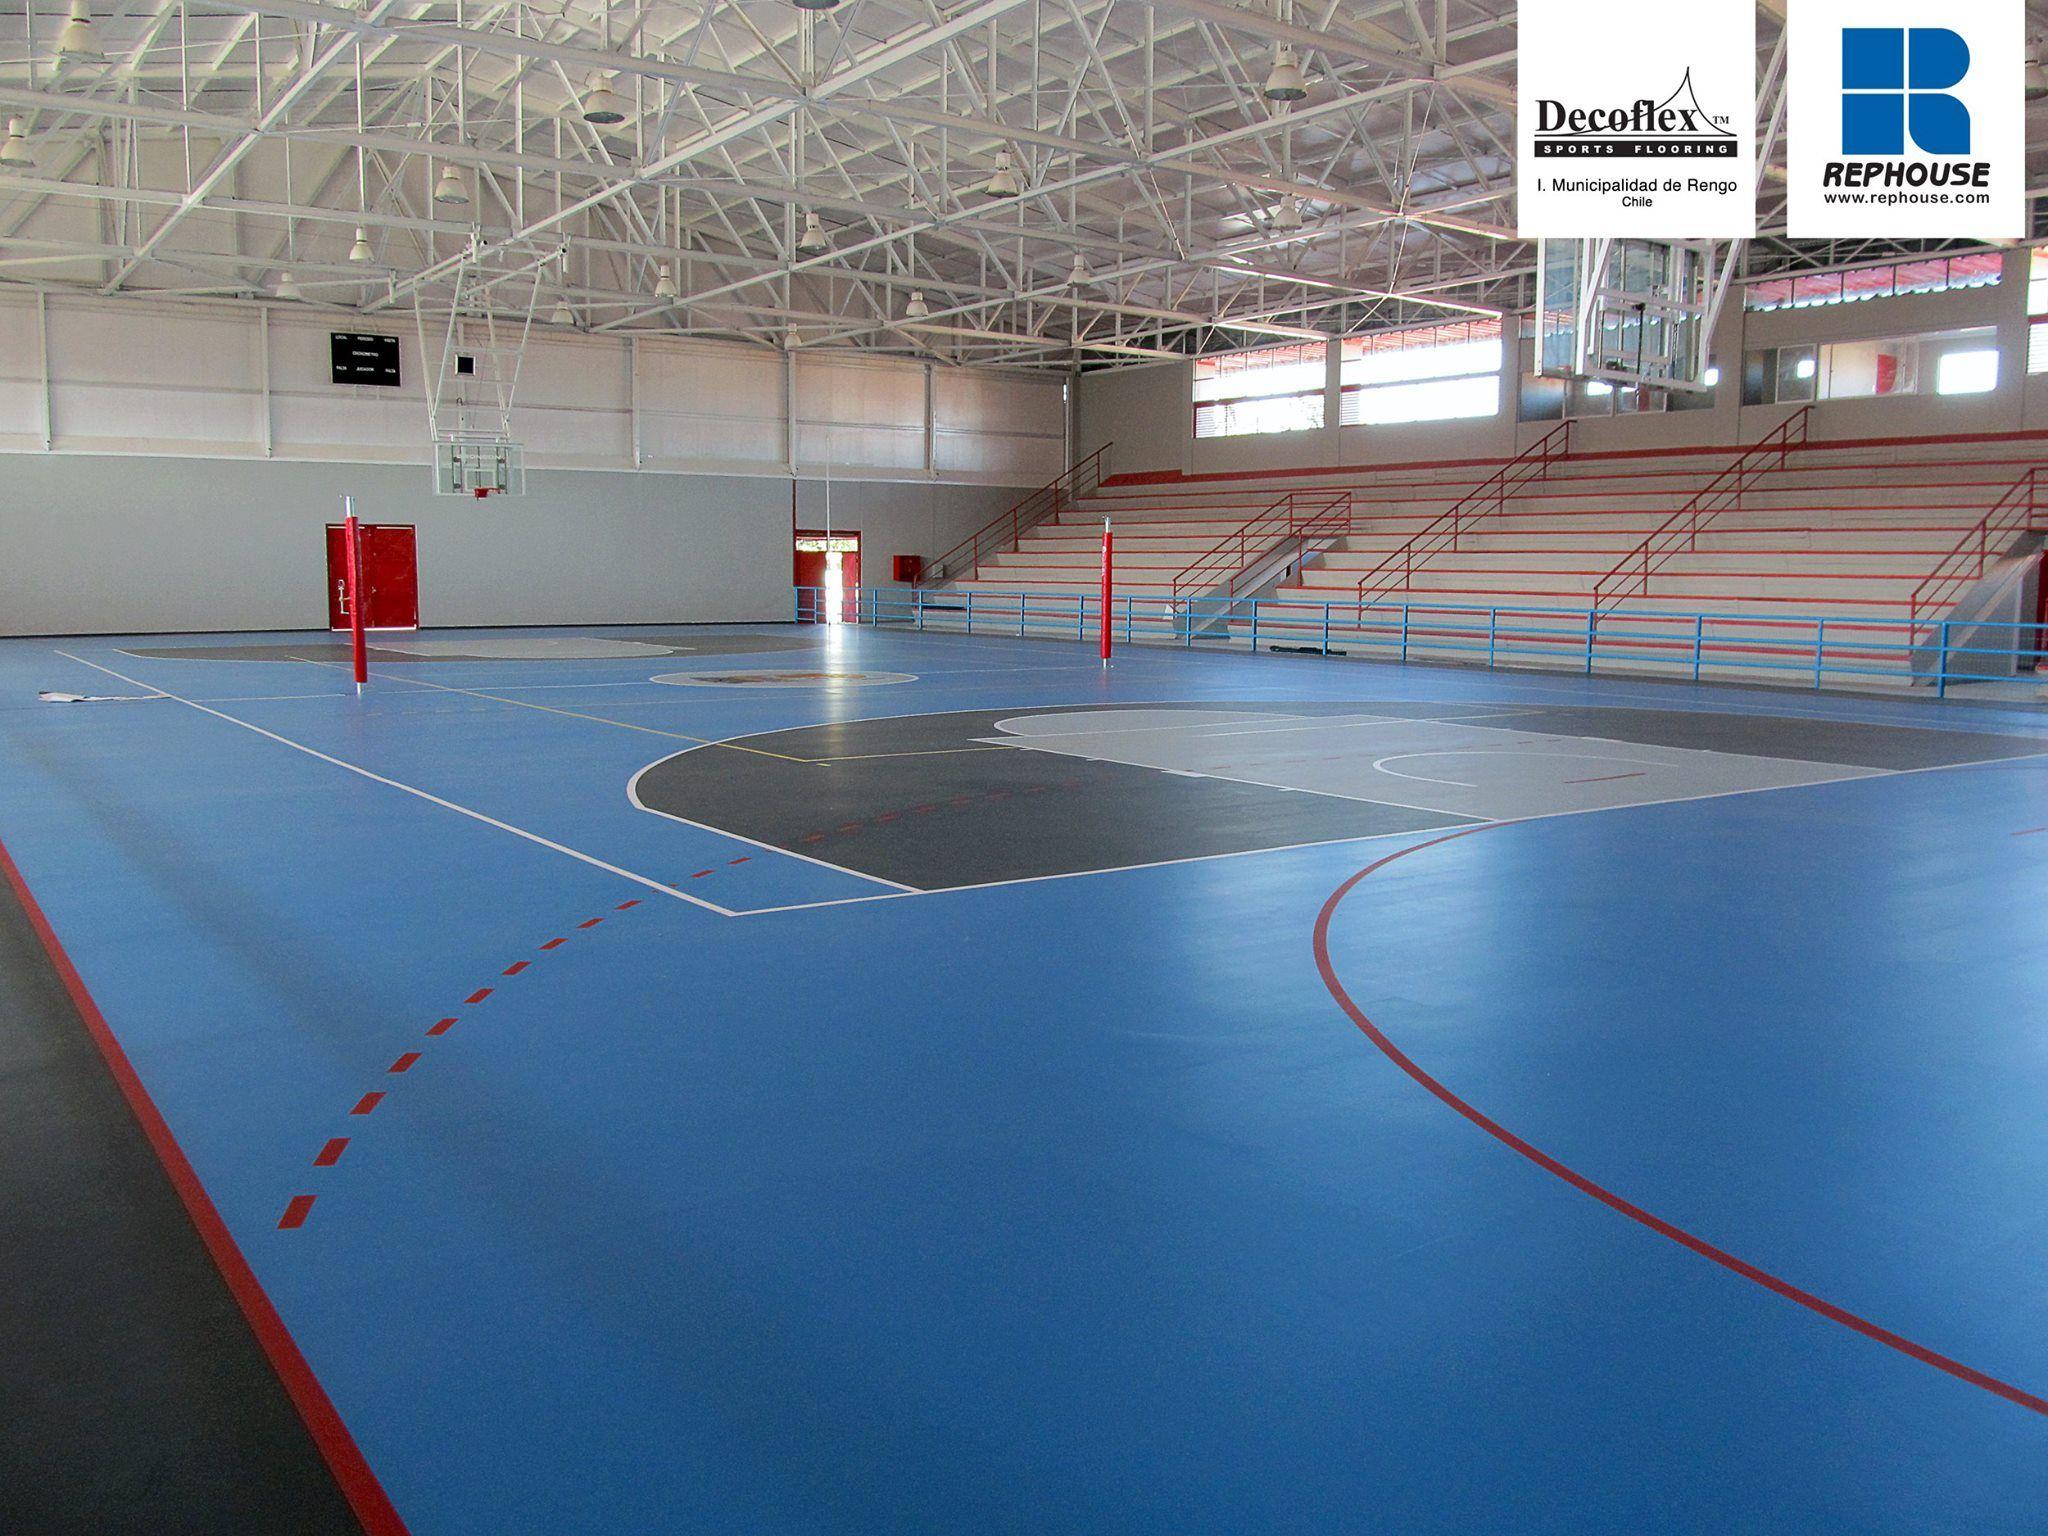 Decoflex Universal Indoor Sports Flooring Rengo Chile Indoor Sports Universal Sports